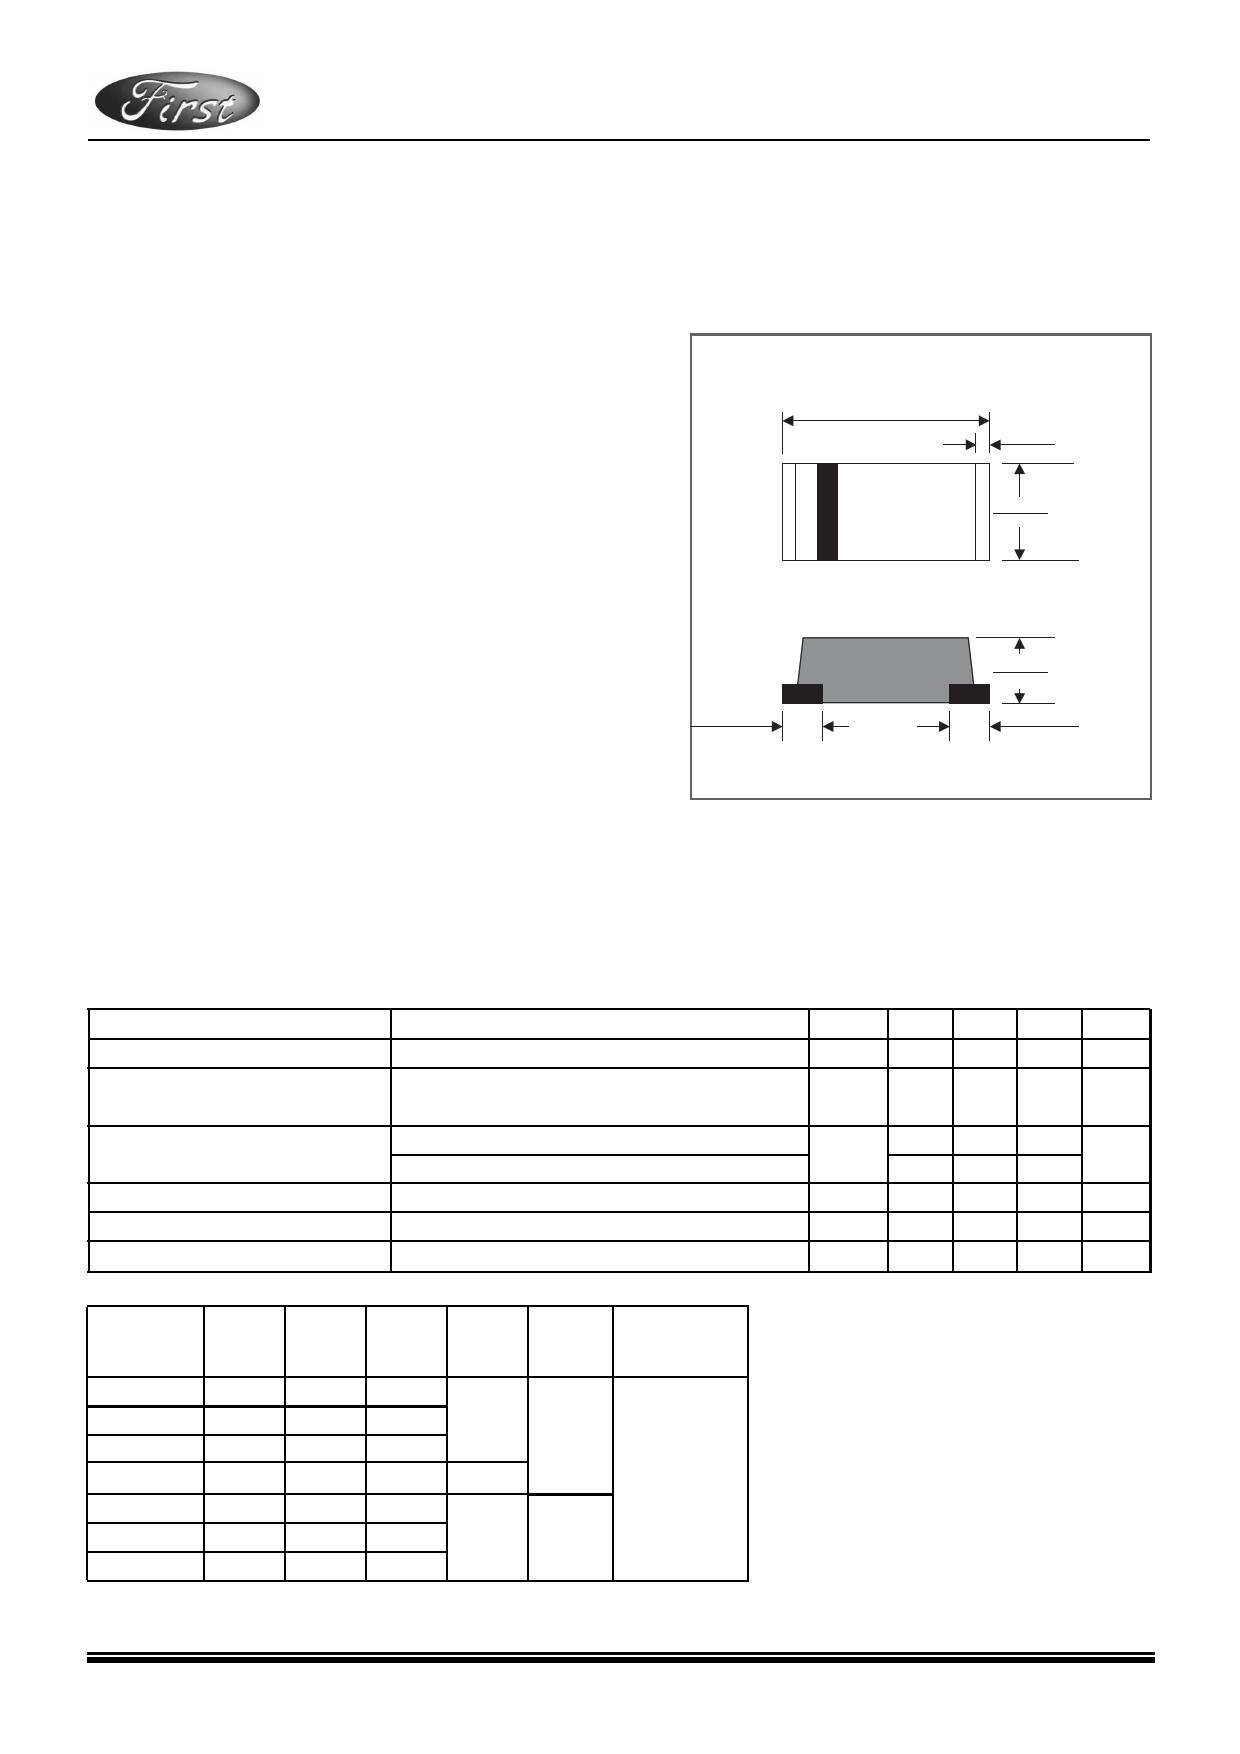 MURA310G Datasheet